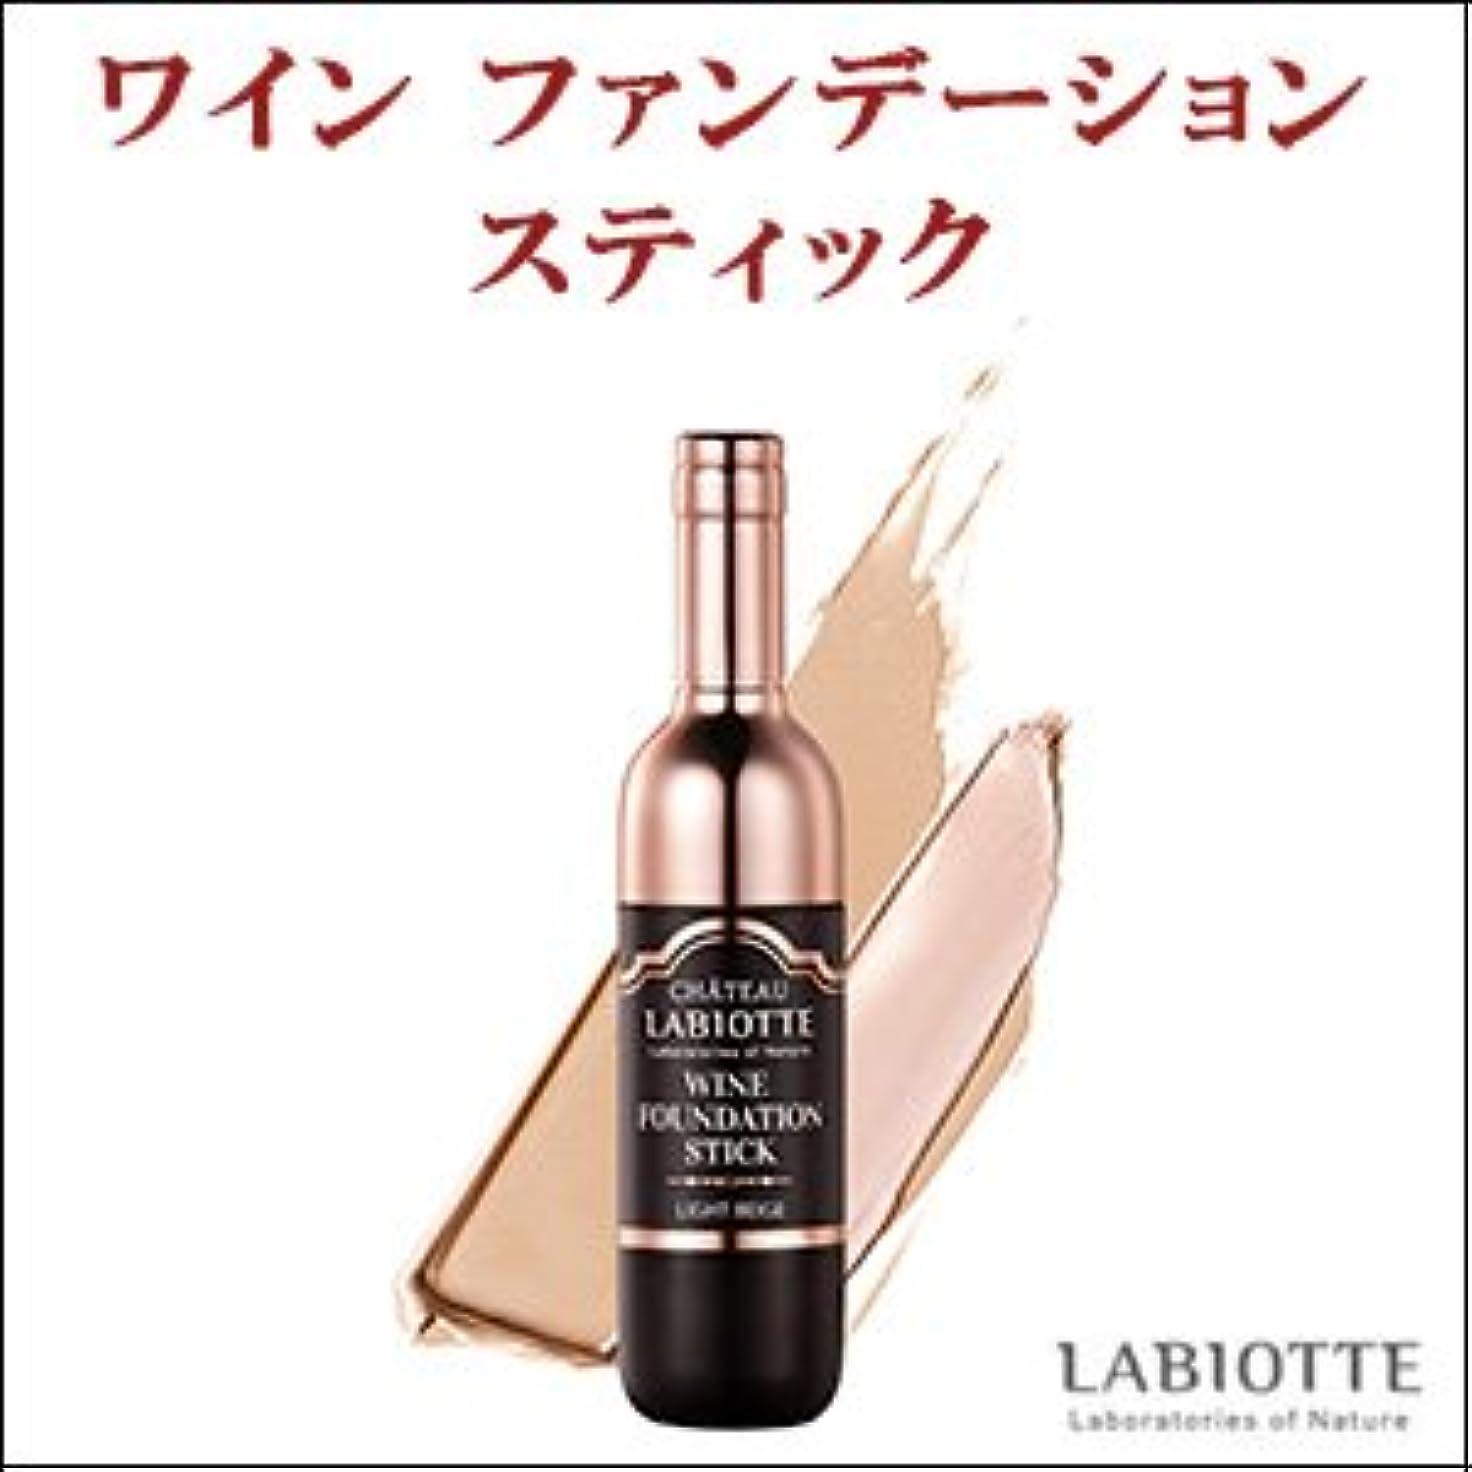 寸法暴露するボードLABIOTTE シャトー ラビオッテ ワイン ファンデーション スティック カラー:P21 ピンクベージュ